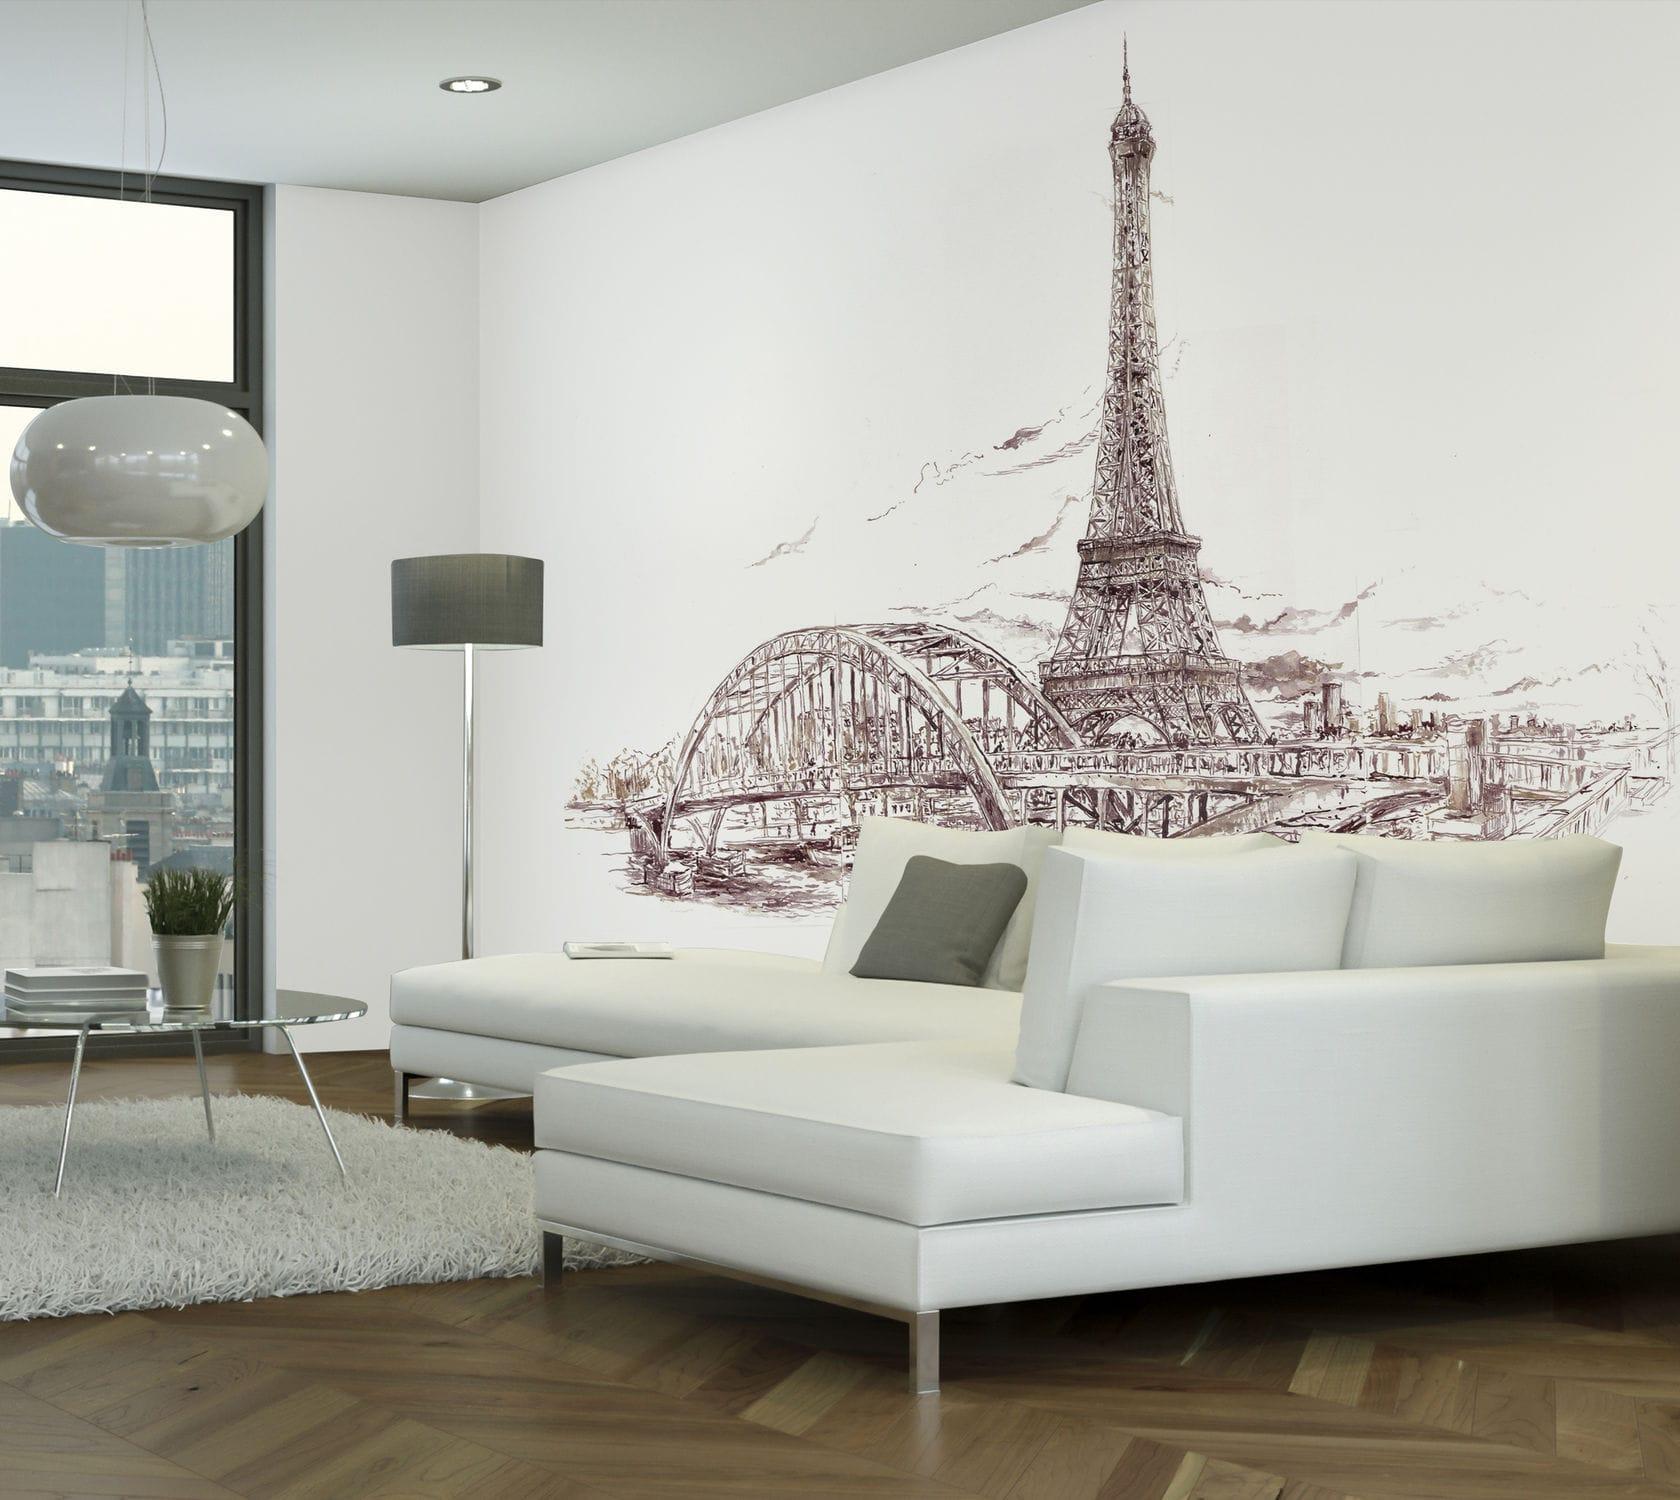 Papier Peint Design Original Croquis Imprime Paris Tour Eiffel